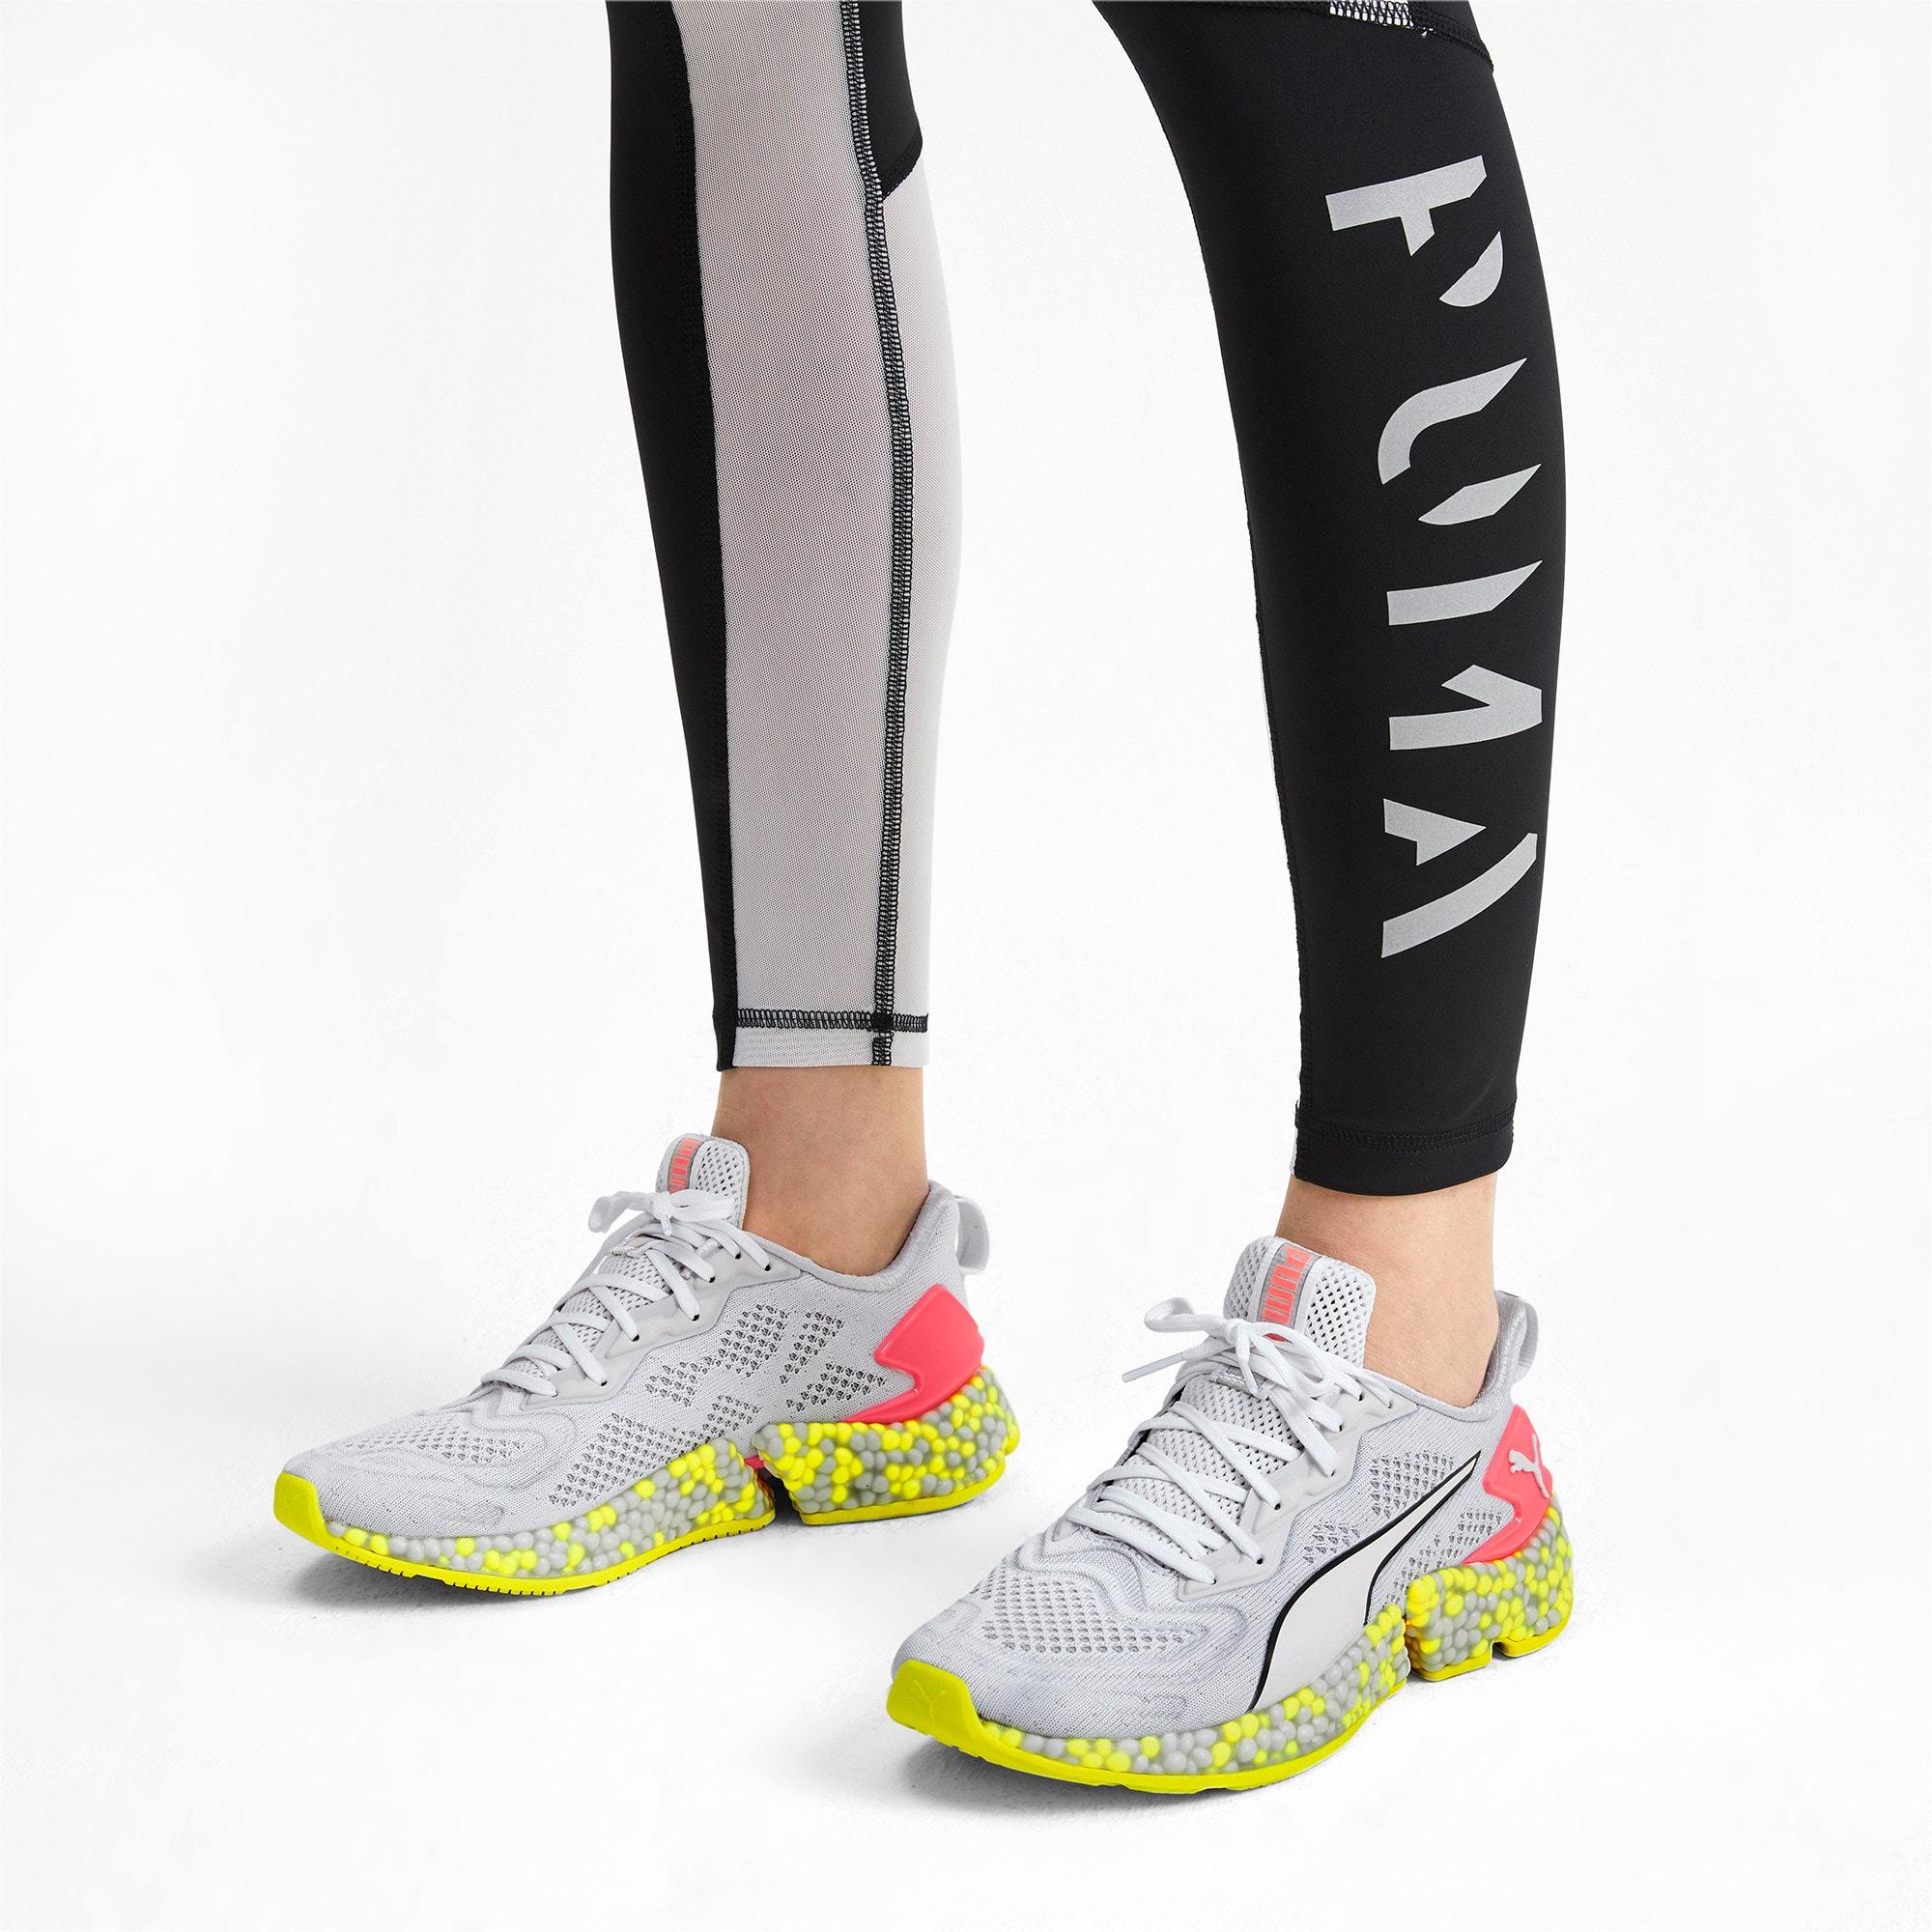 Thumbnail 2 of SPEED Orbiter Women's Running Shoes, Puma White-Yellow Alert, medium